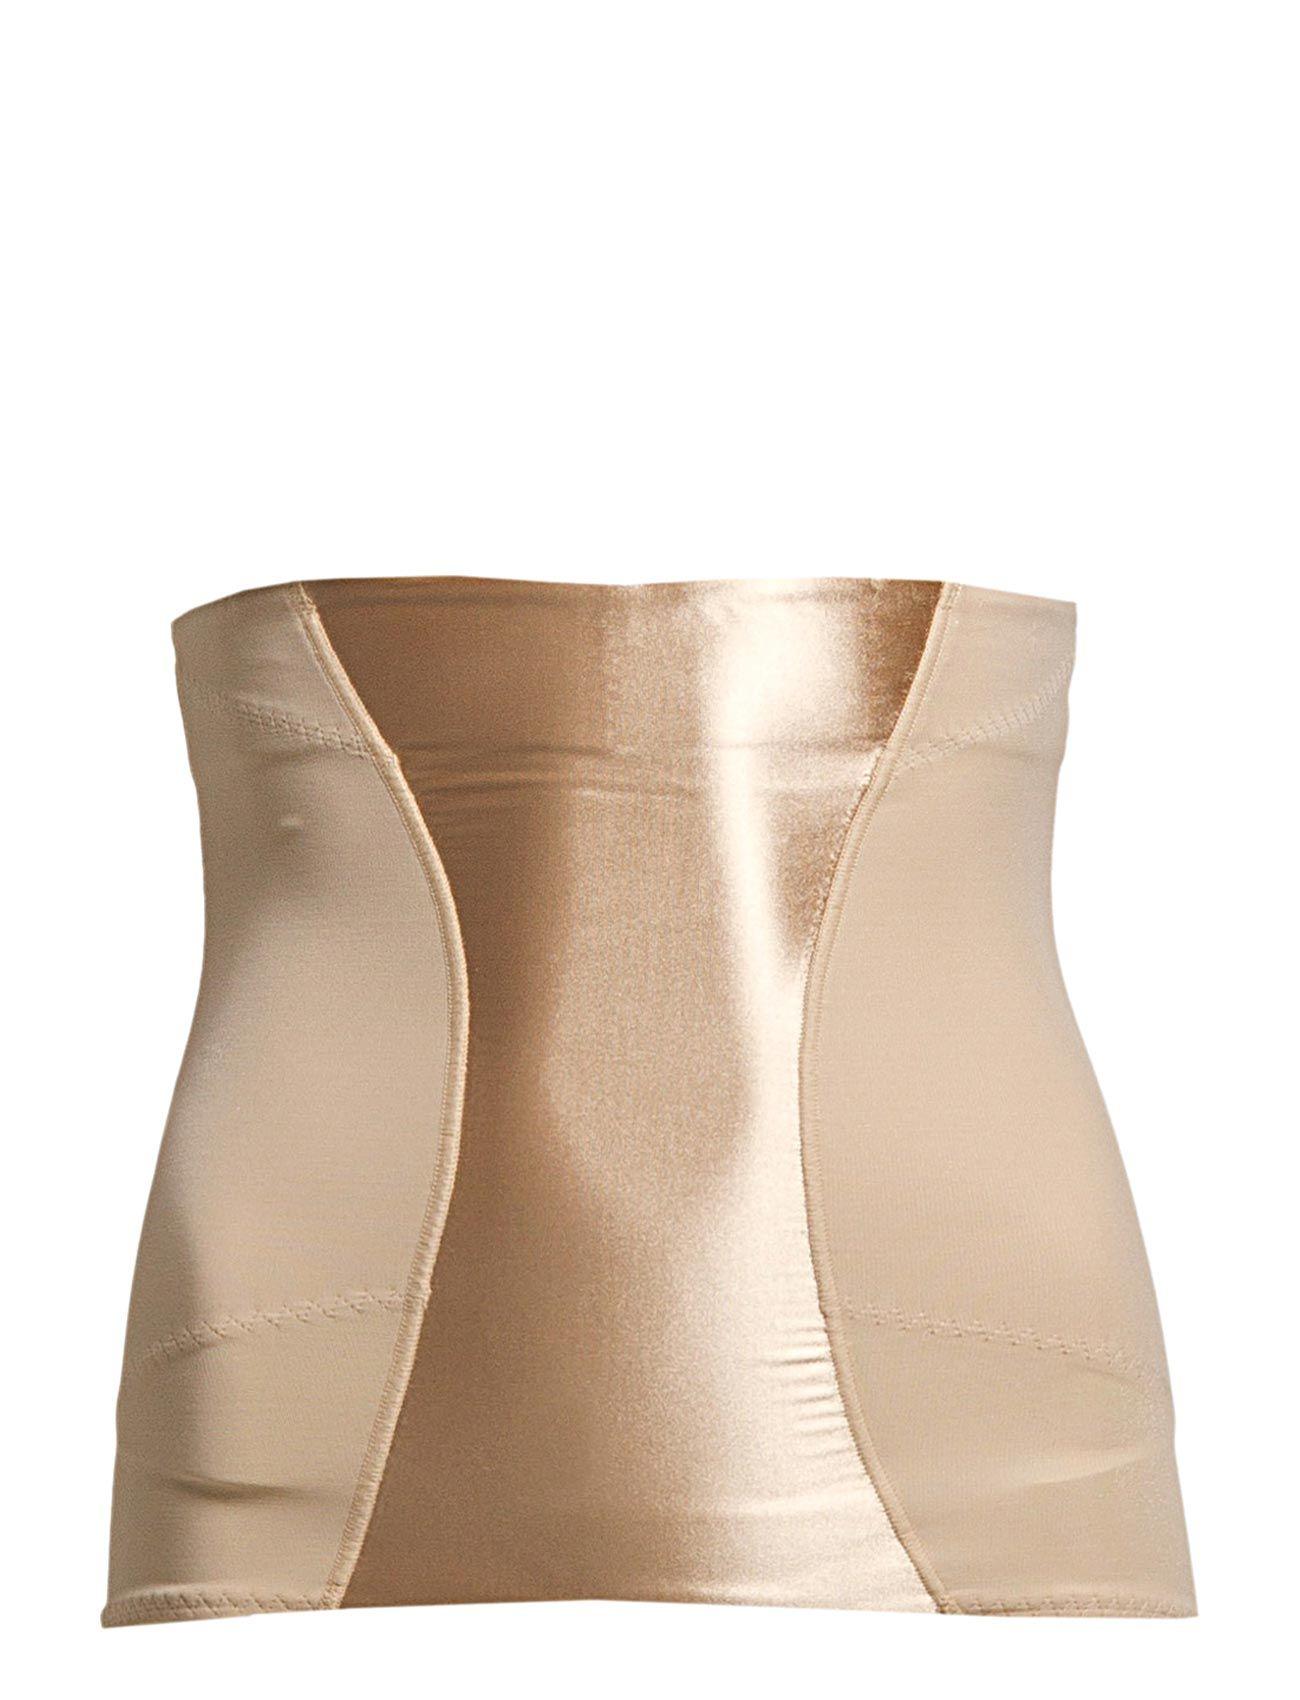 Easy Up Maidenform Shapewear til Kvinder i Latte Lift